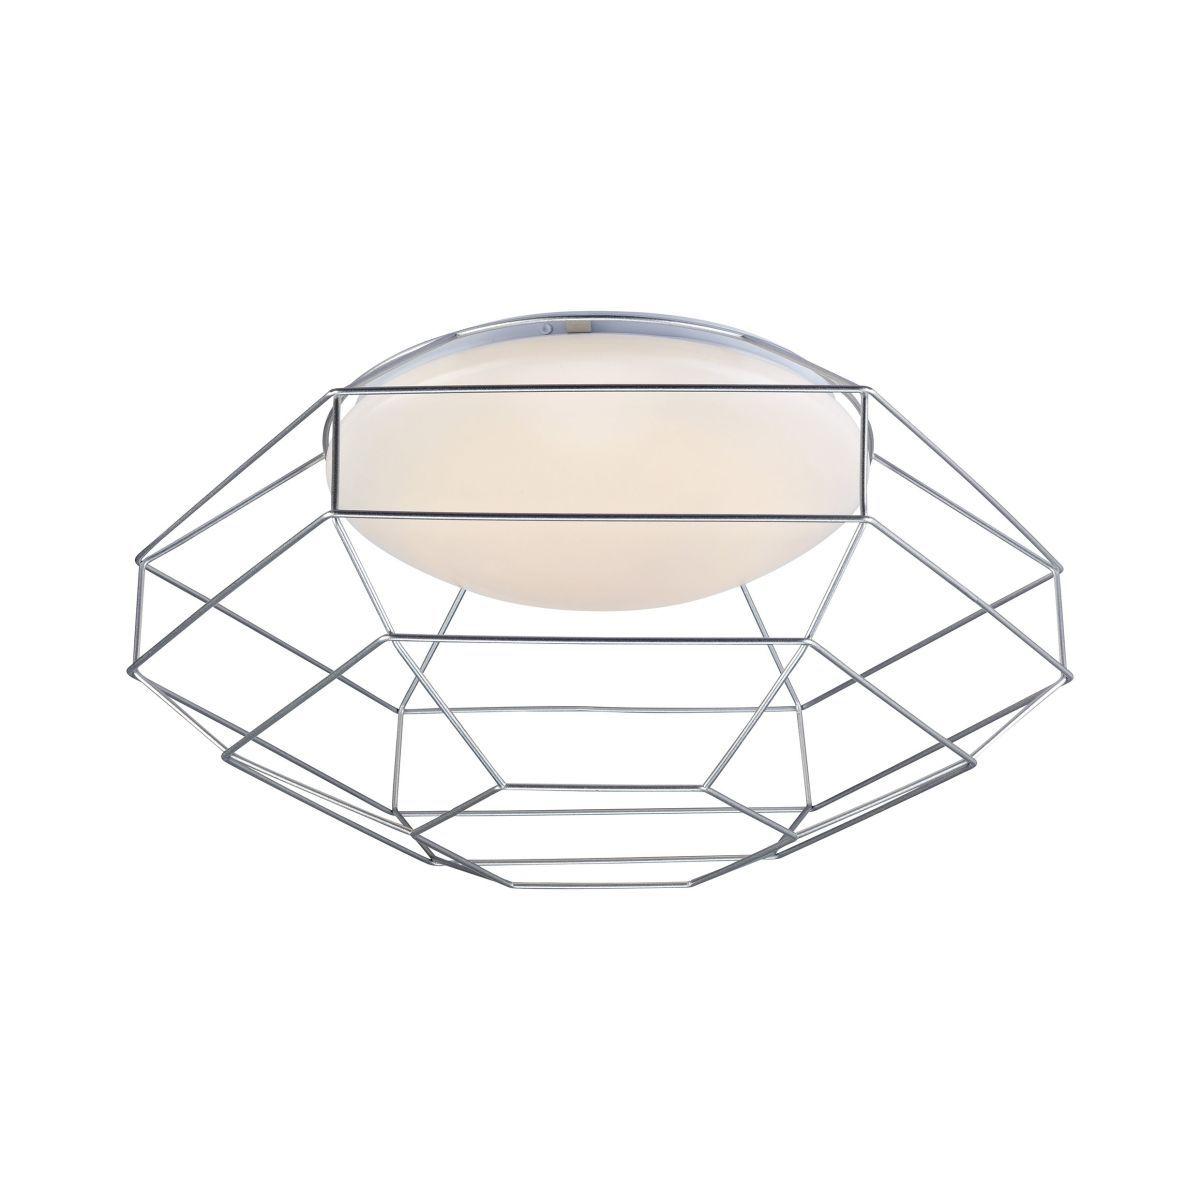 Deckenleuchte Nest Skandinavisch Jetzt Bestellen Unter Https Moebel Ladendirekt De Lampen Deckenleuchten Deckenlampen Deckenlampe Led Deckenleuchte Lampe